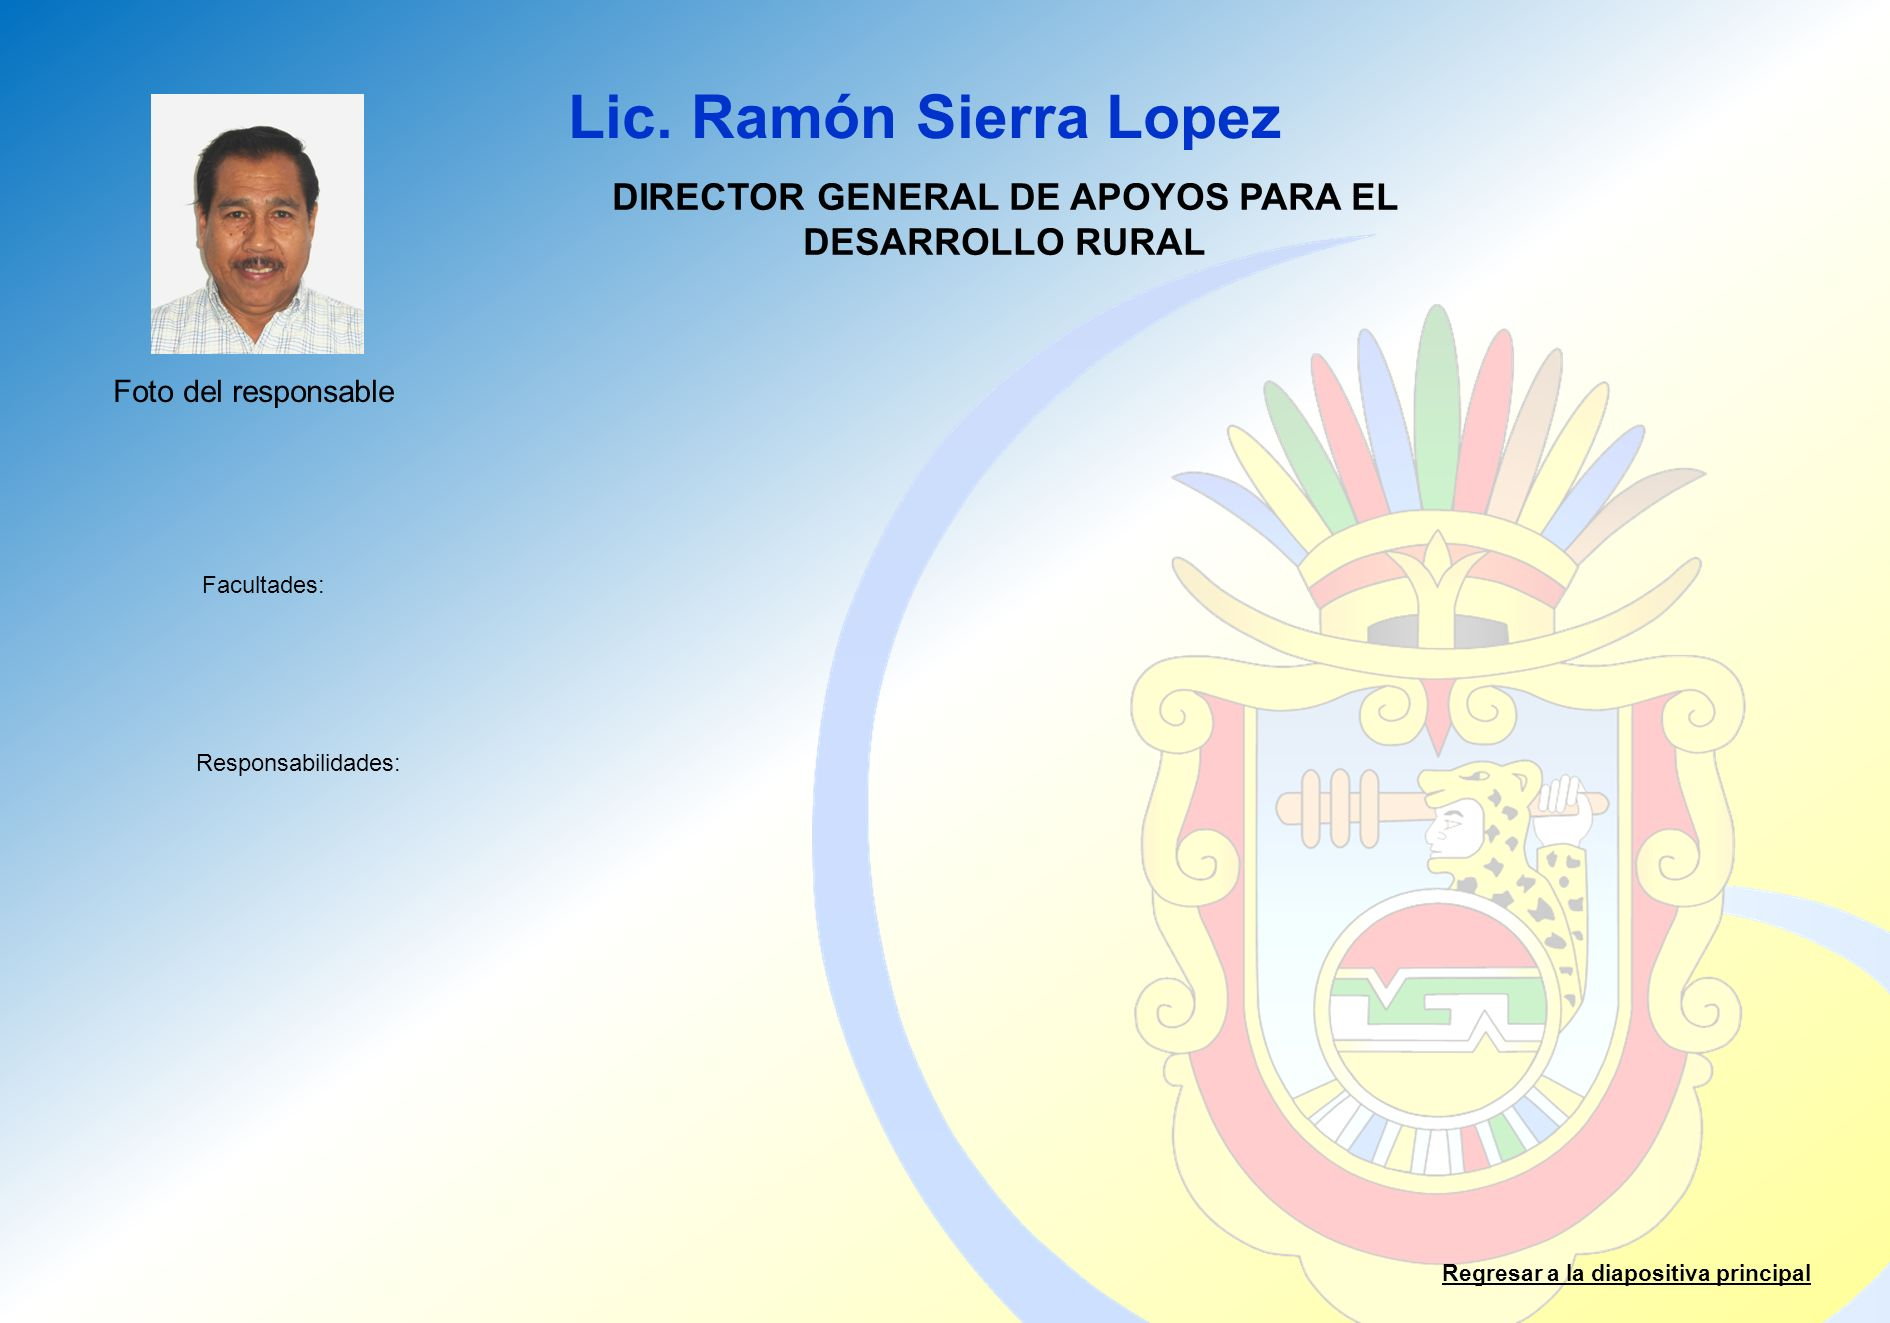 DIRECTOR GENERAL DE APOYOS PARA EL DESARROLLO RURAL